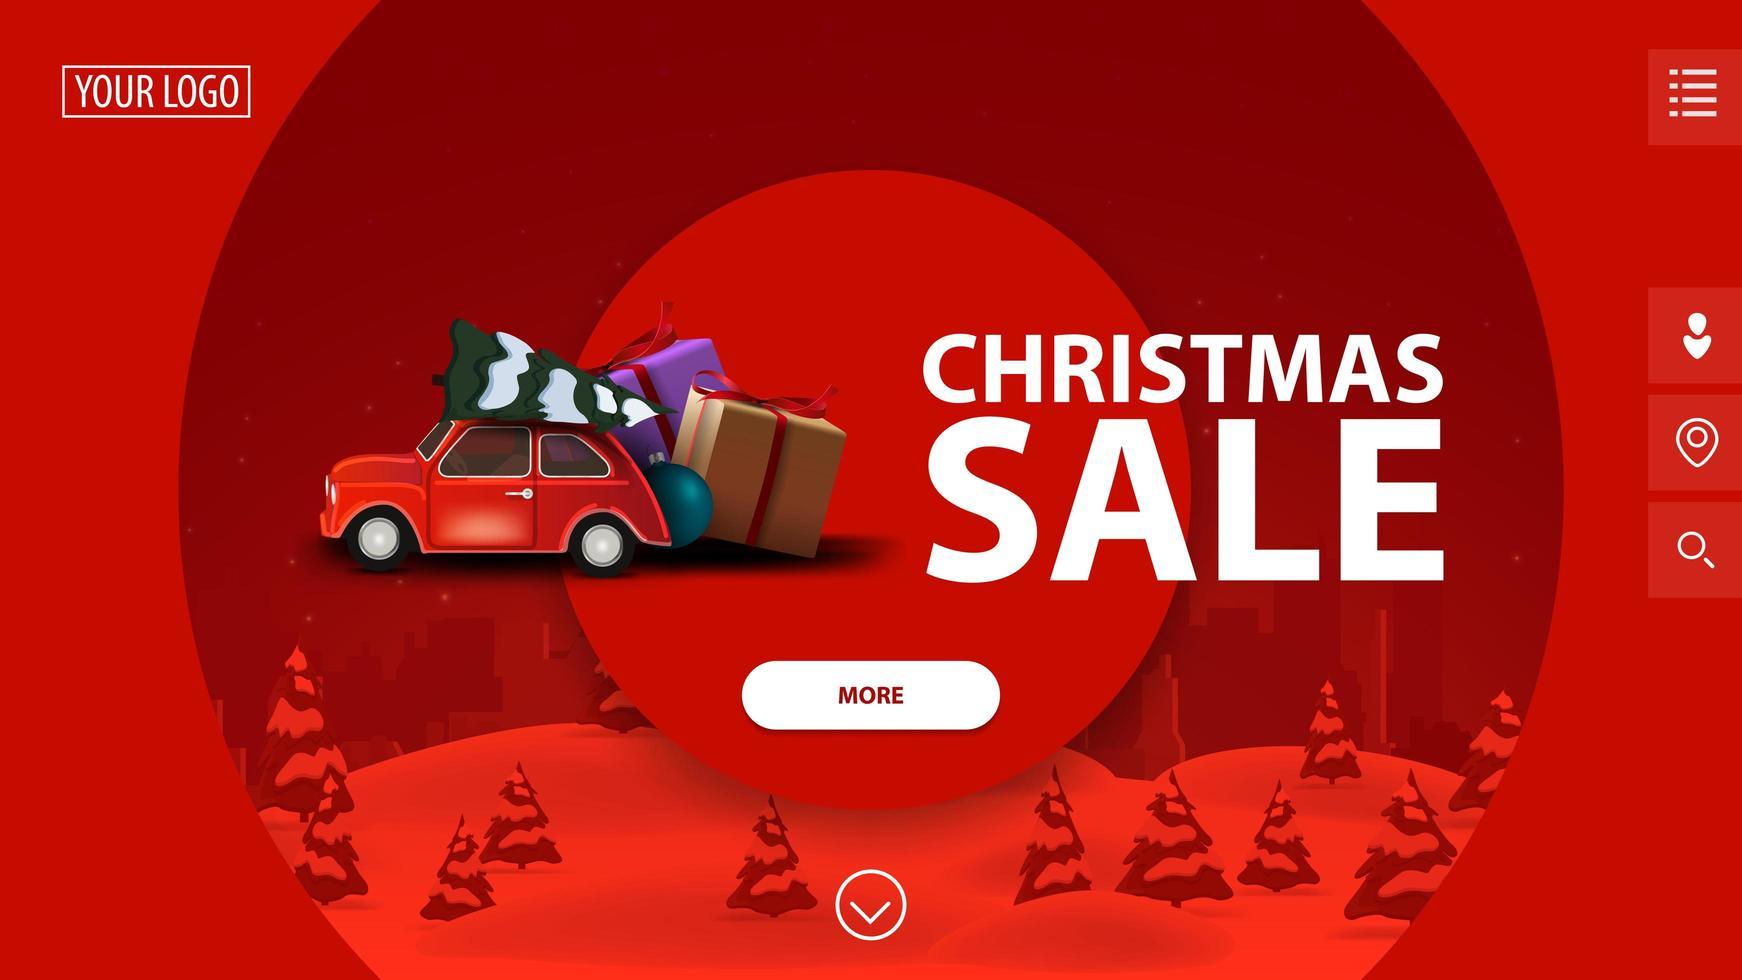 Weihnachtsverkauf, schönes rotes modernes Rabattbanner mit großen dekorativen Kreisen, Winterlandschaft auf Hintergrund und rotem Oldtimer, der Weihnachtsbaum trägt vektor